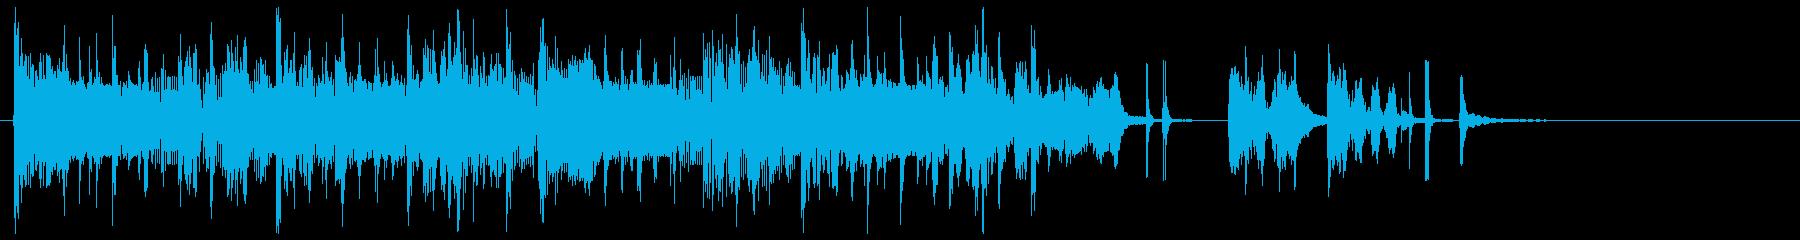 やすらぐ感じのオリエンタルジングルの再生済みの波形